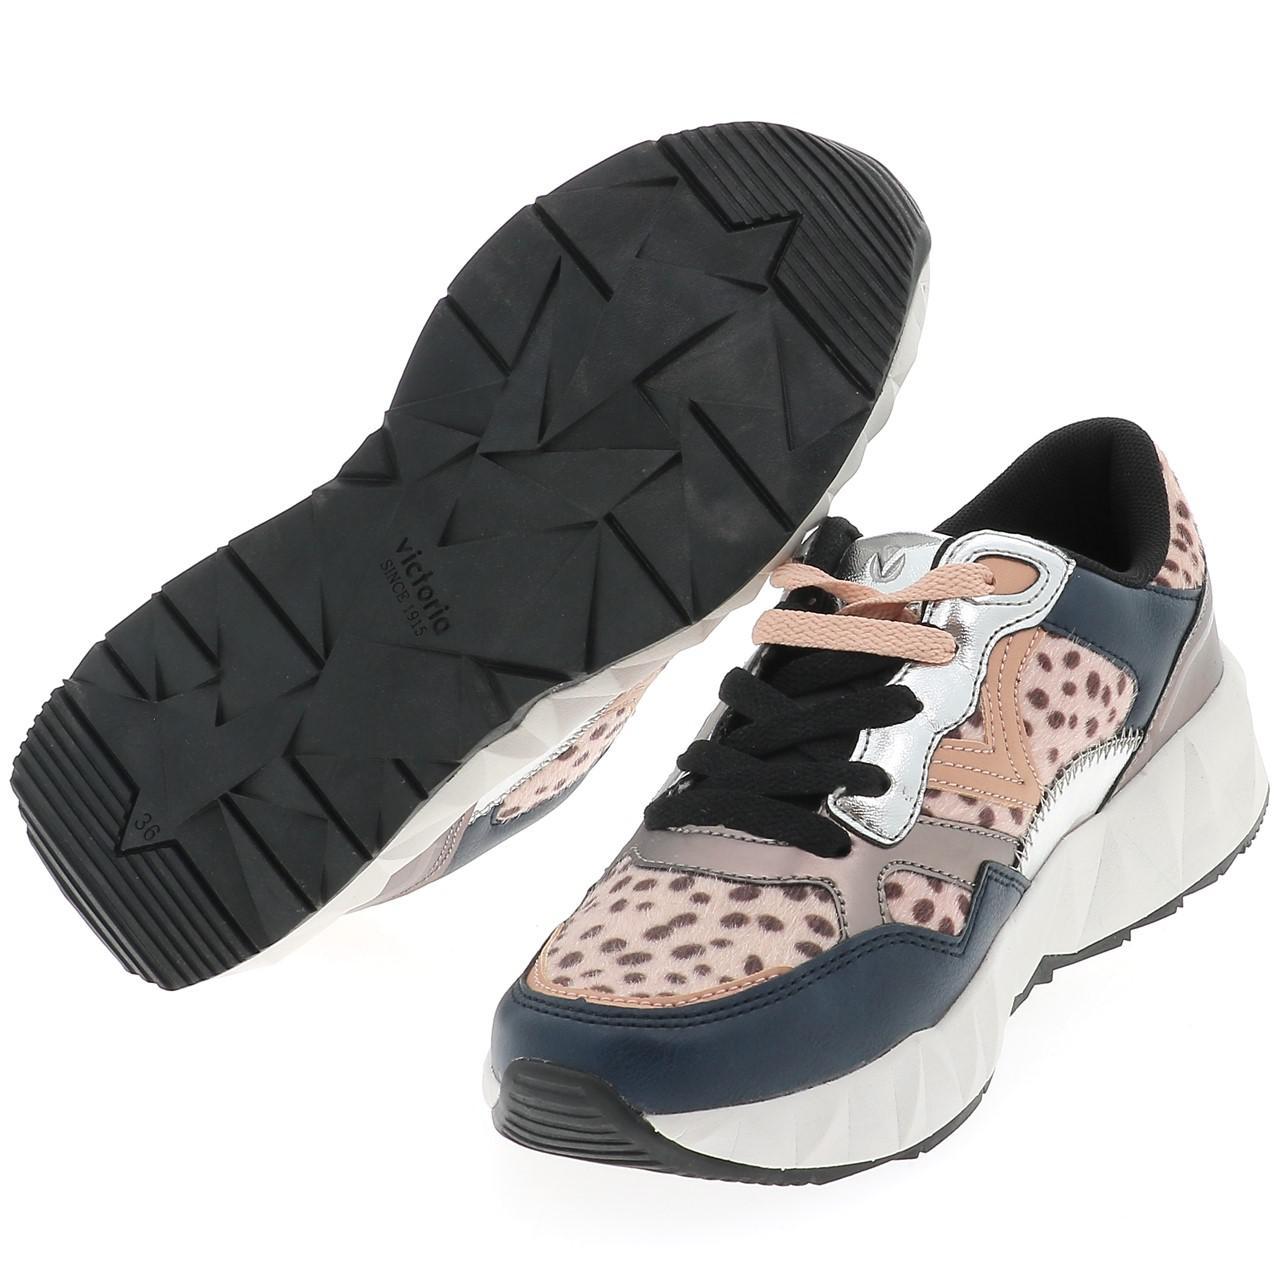 Détails sur Chaussures mode ville Victoria Arista animal print Bleu 50583 Neuf